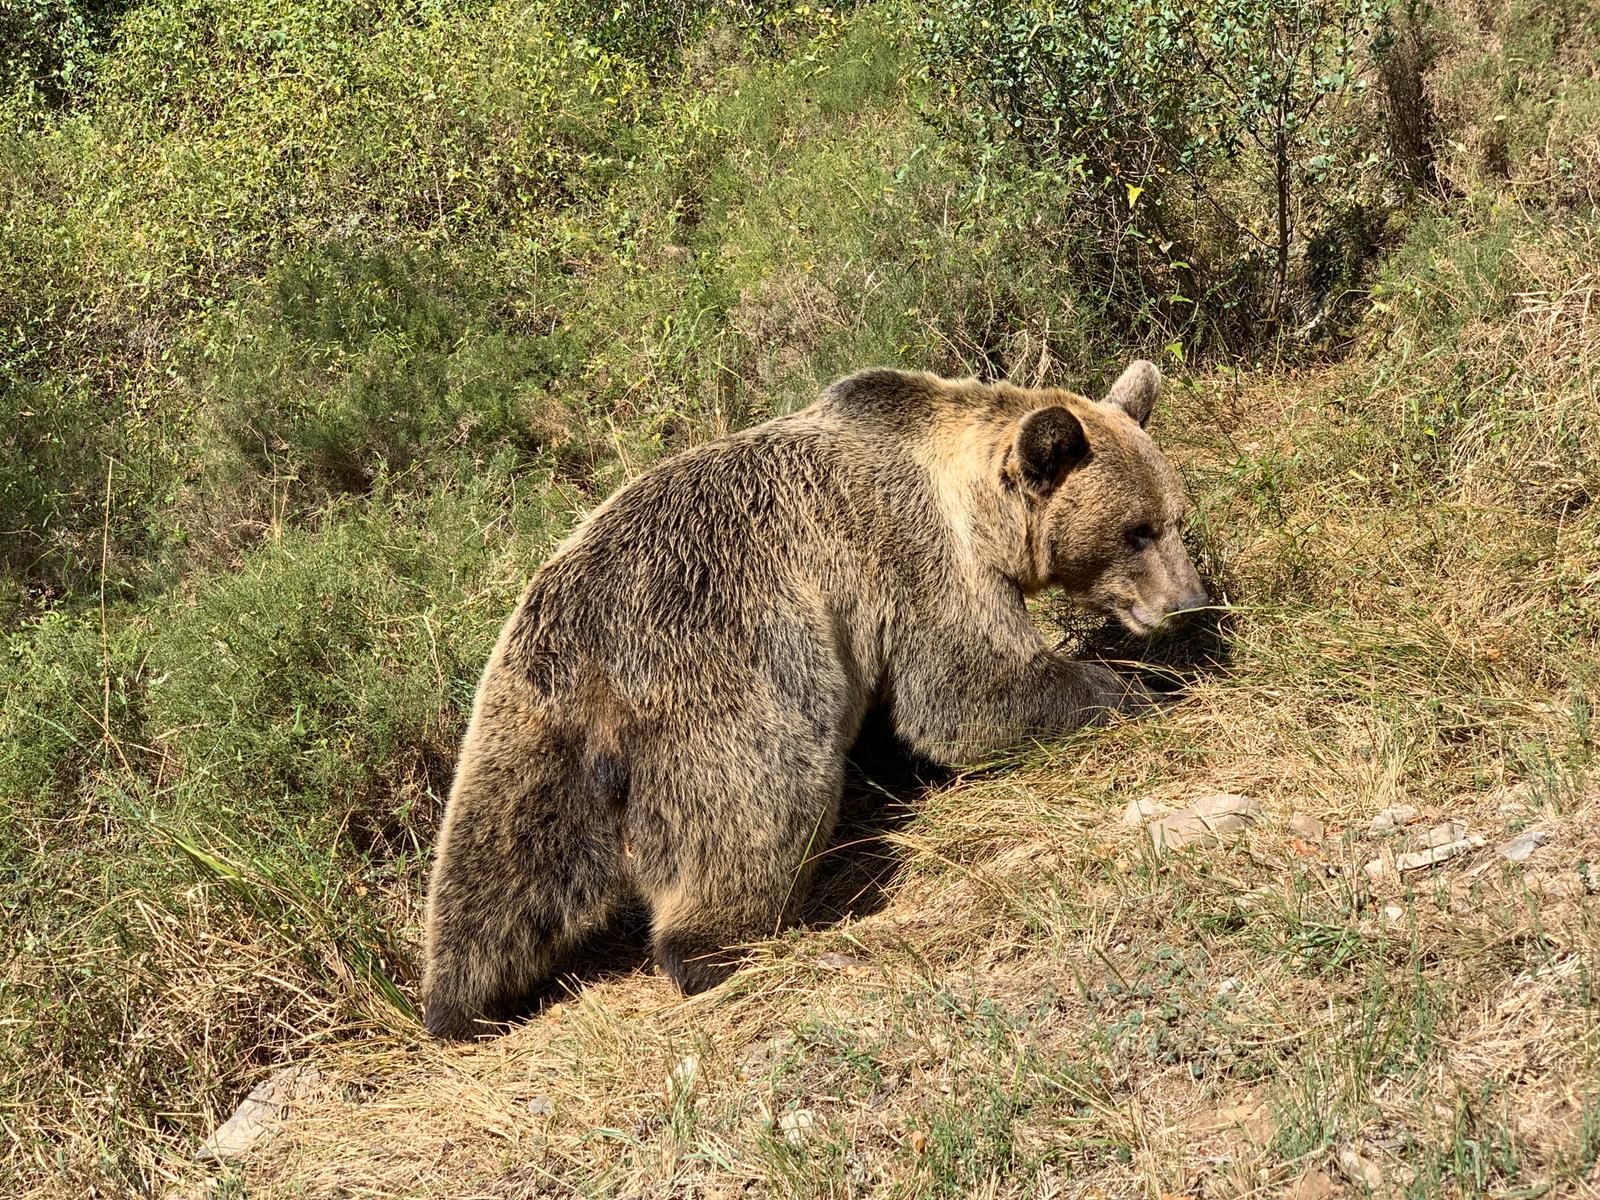 ¿Sabías que… la conservación del oso pardo también contribuye a frenar el cambio climático?